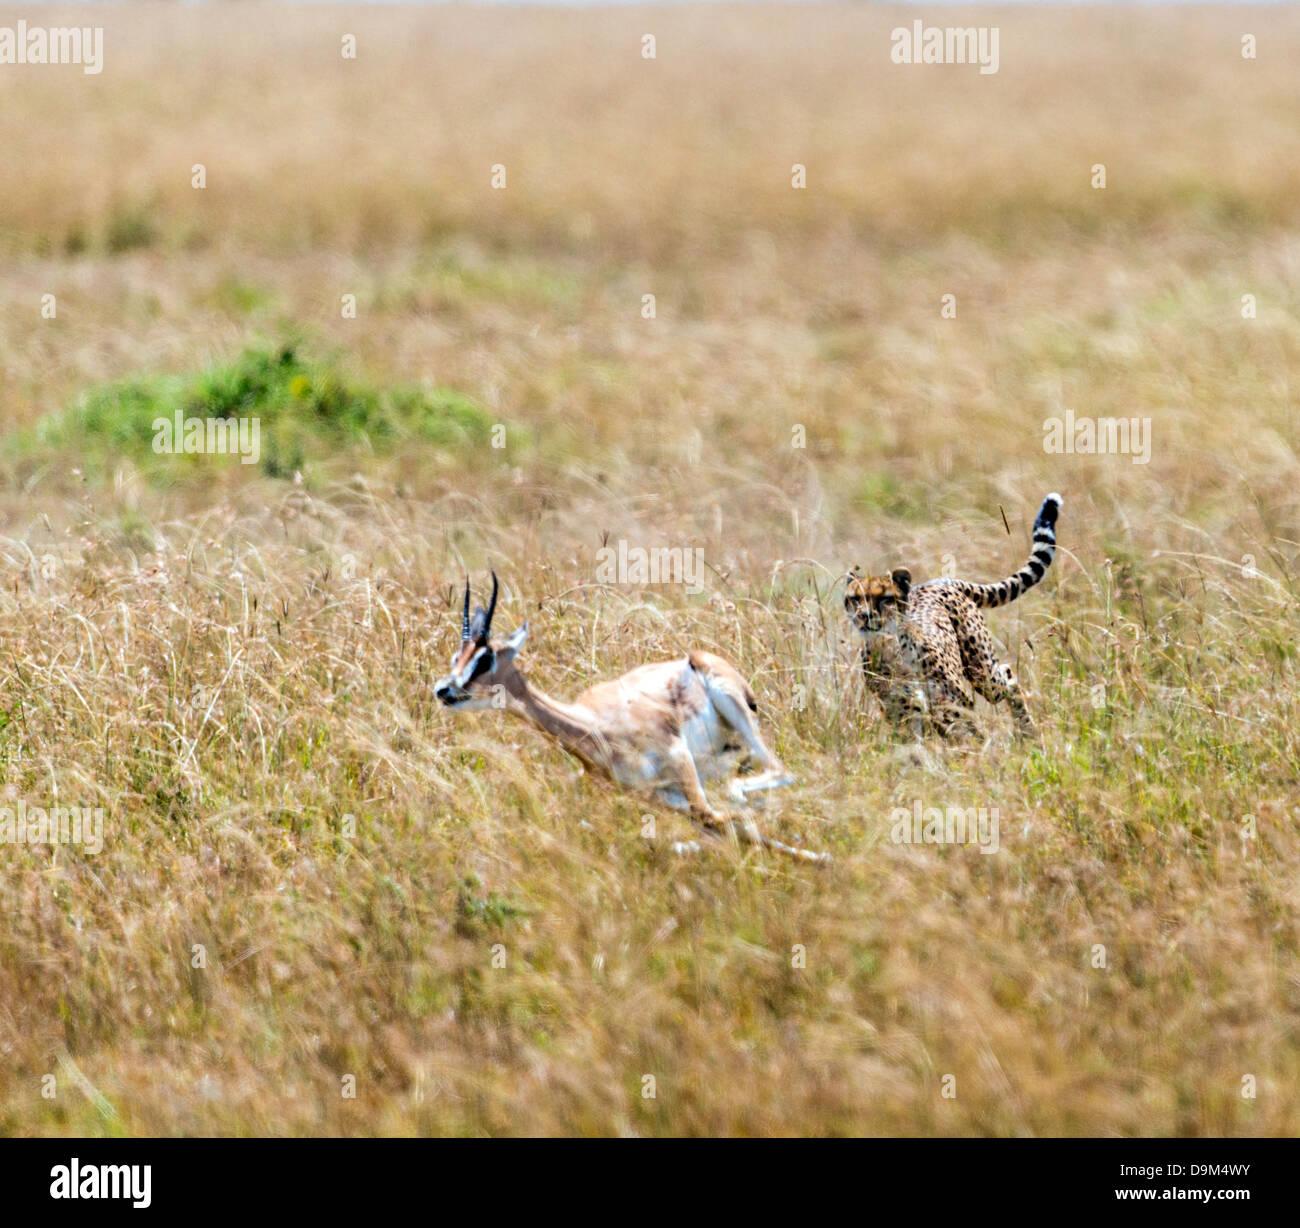 Ghepardo (Acinonyx jubatus) a caccia di Thomson gazelle (Eudorcas thomsonii) Kicheche Safari Masai Mara Africa Immagini Stock